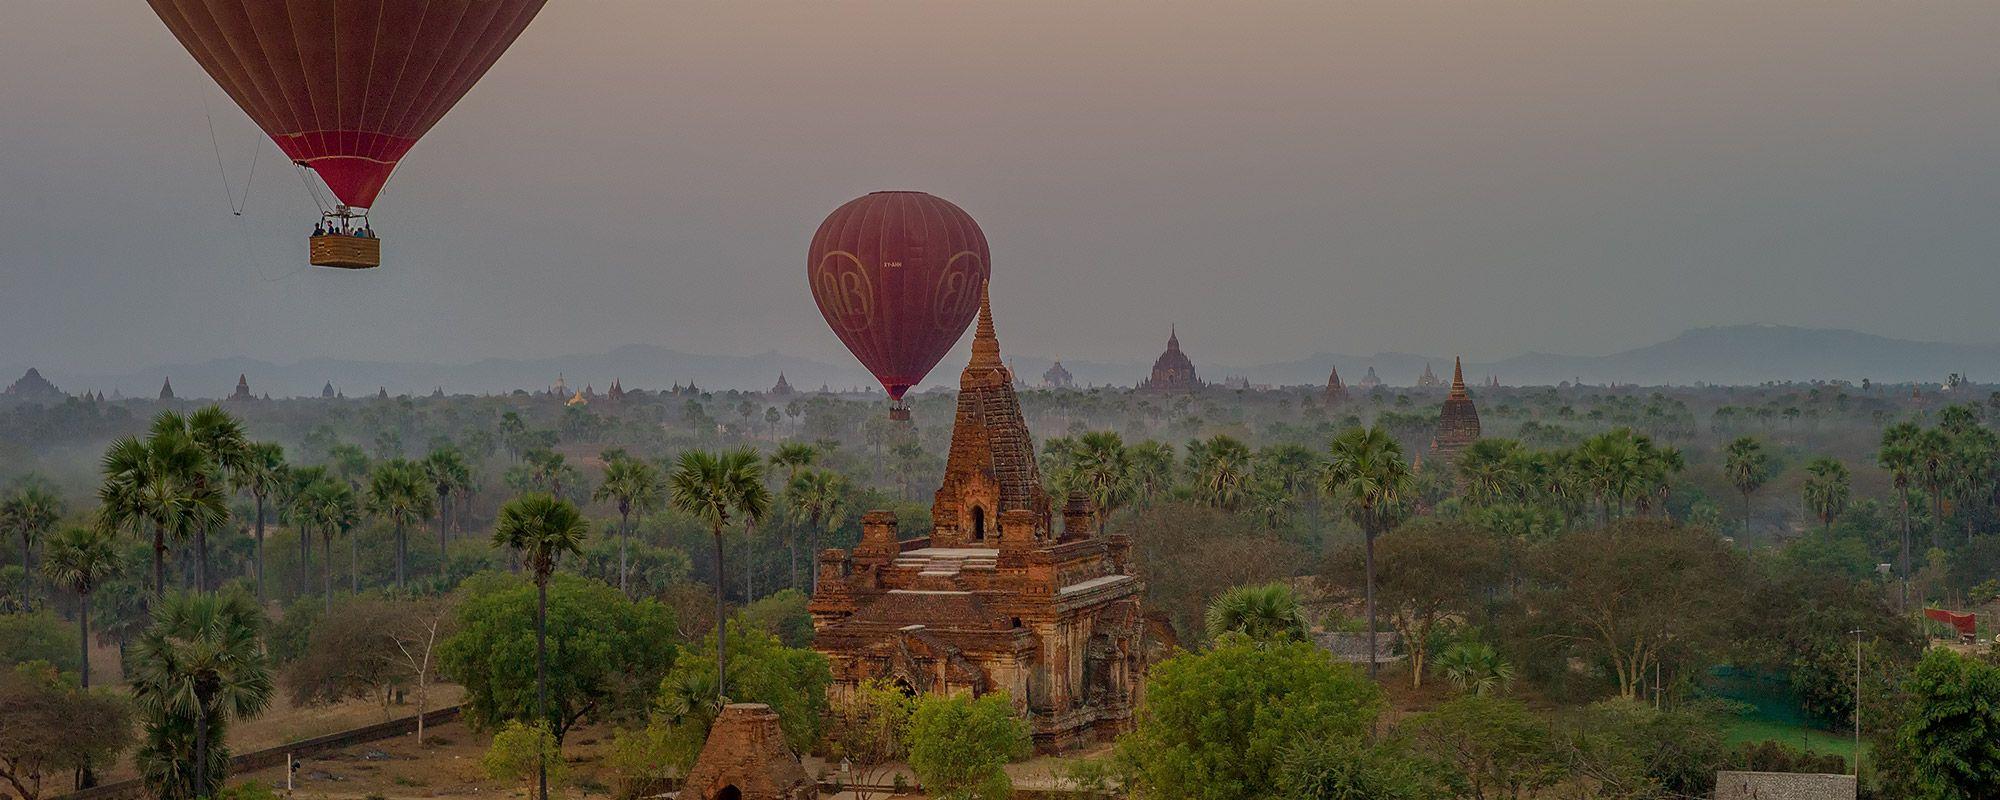 Ballons über den Tempeln von Bagan